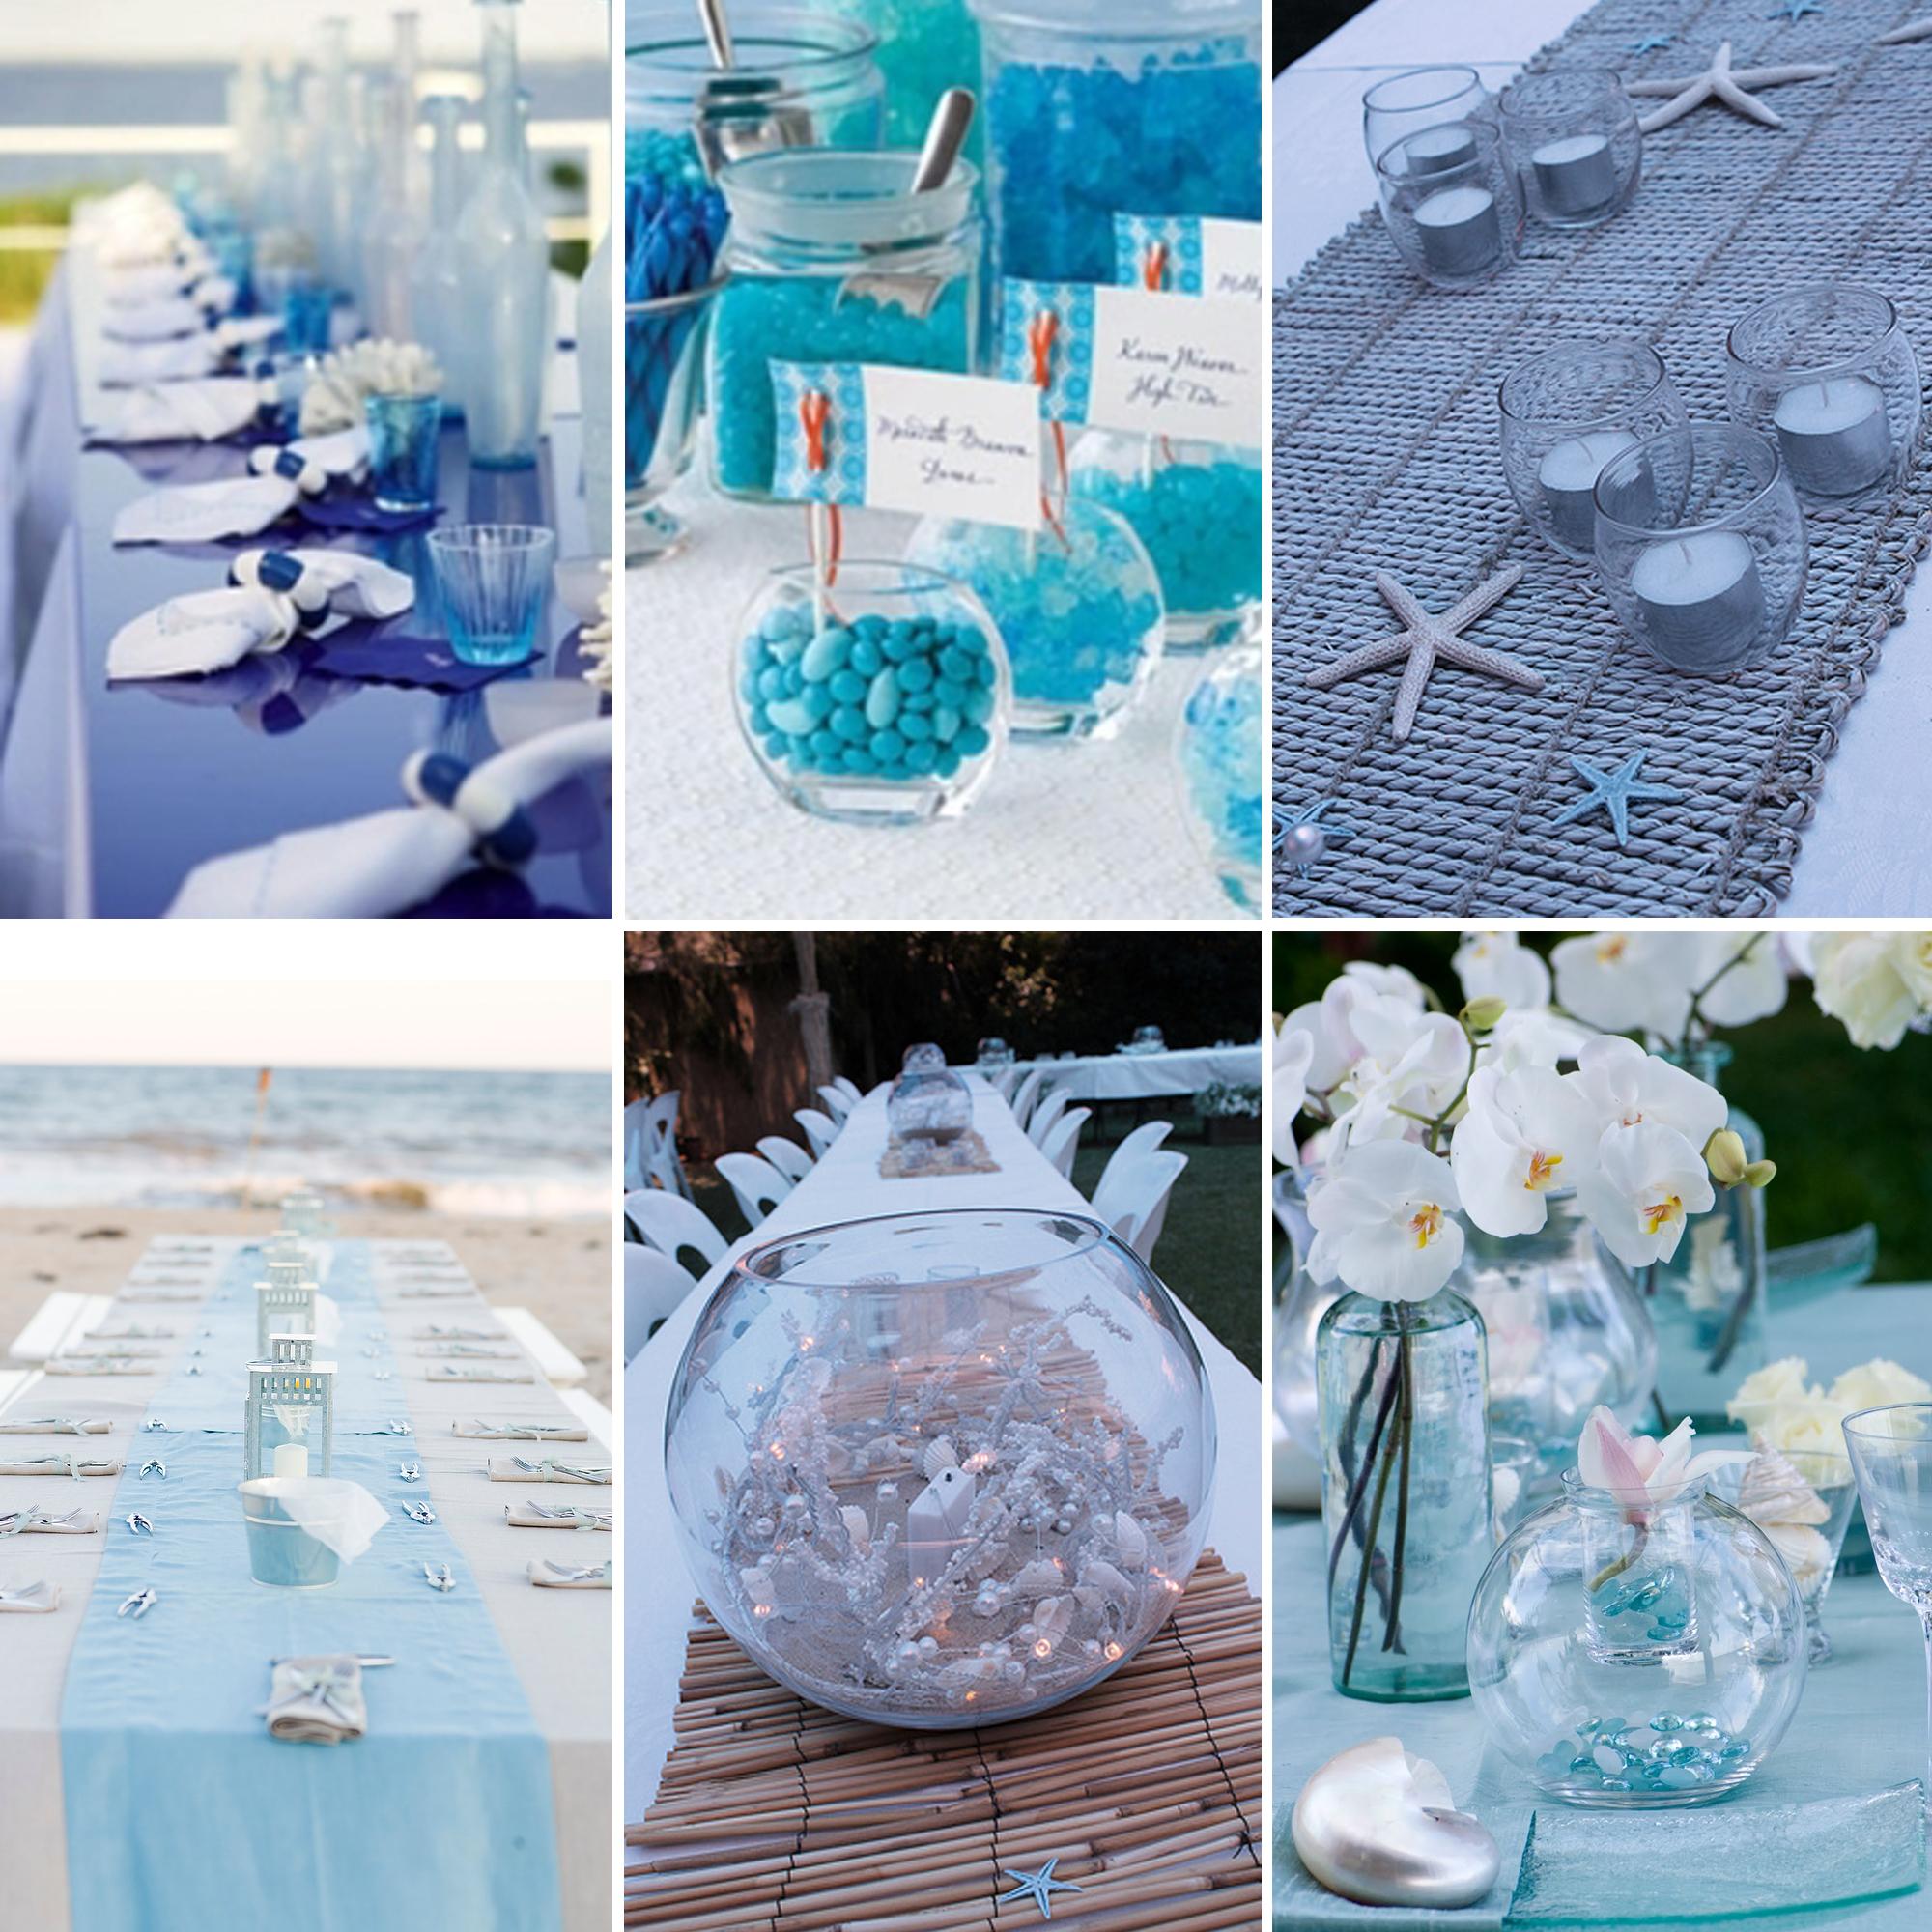 Centros de mesa mon wedding - Decoracion boda playa ...